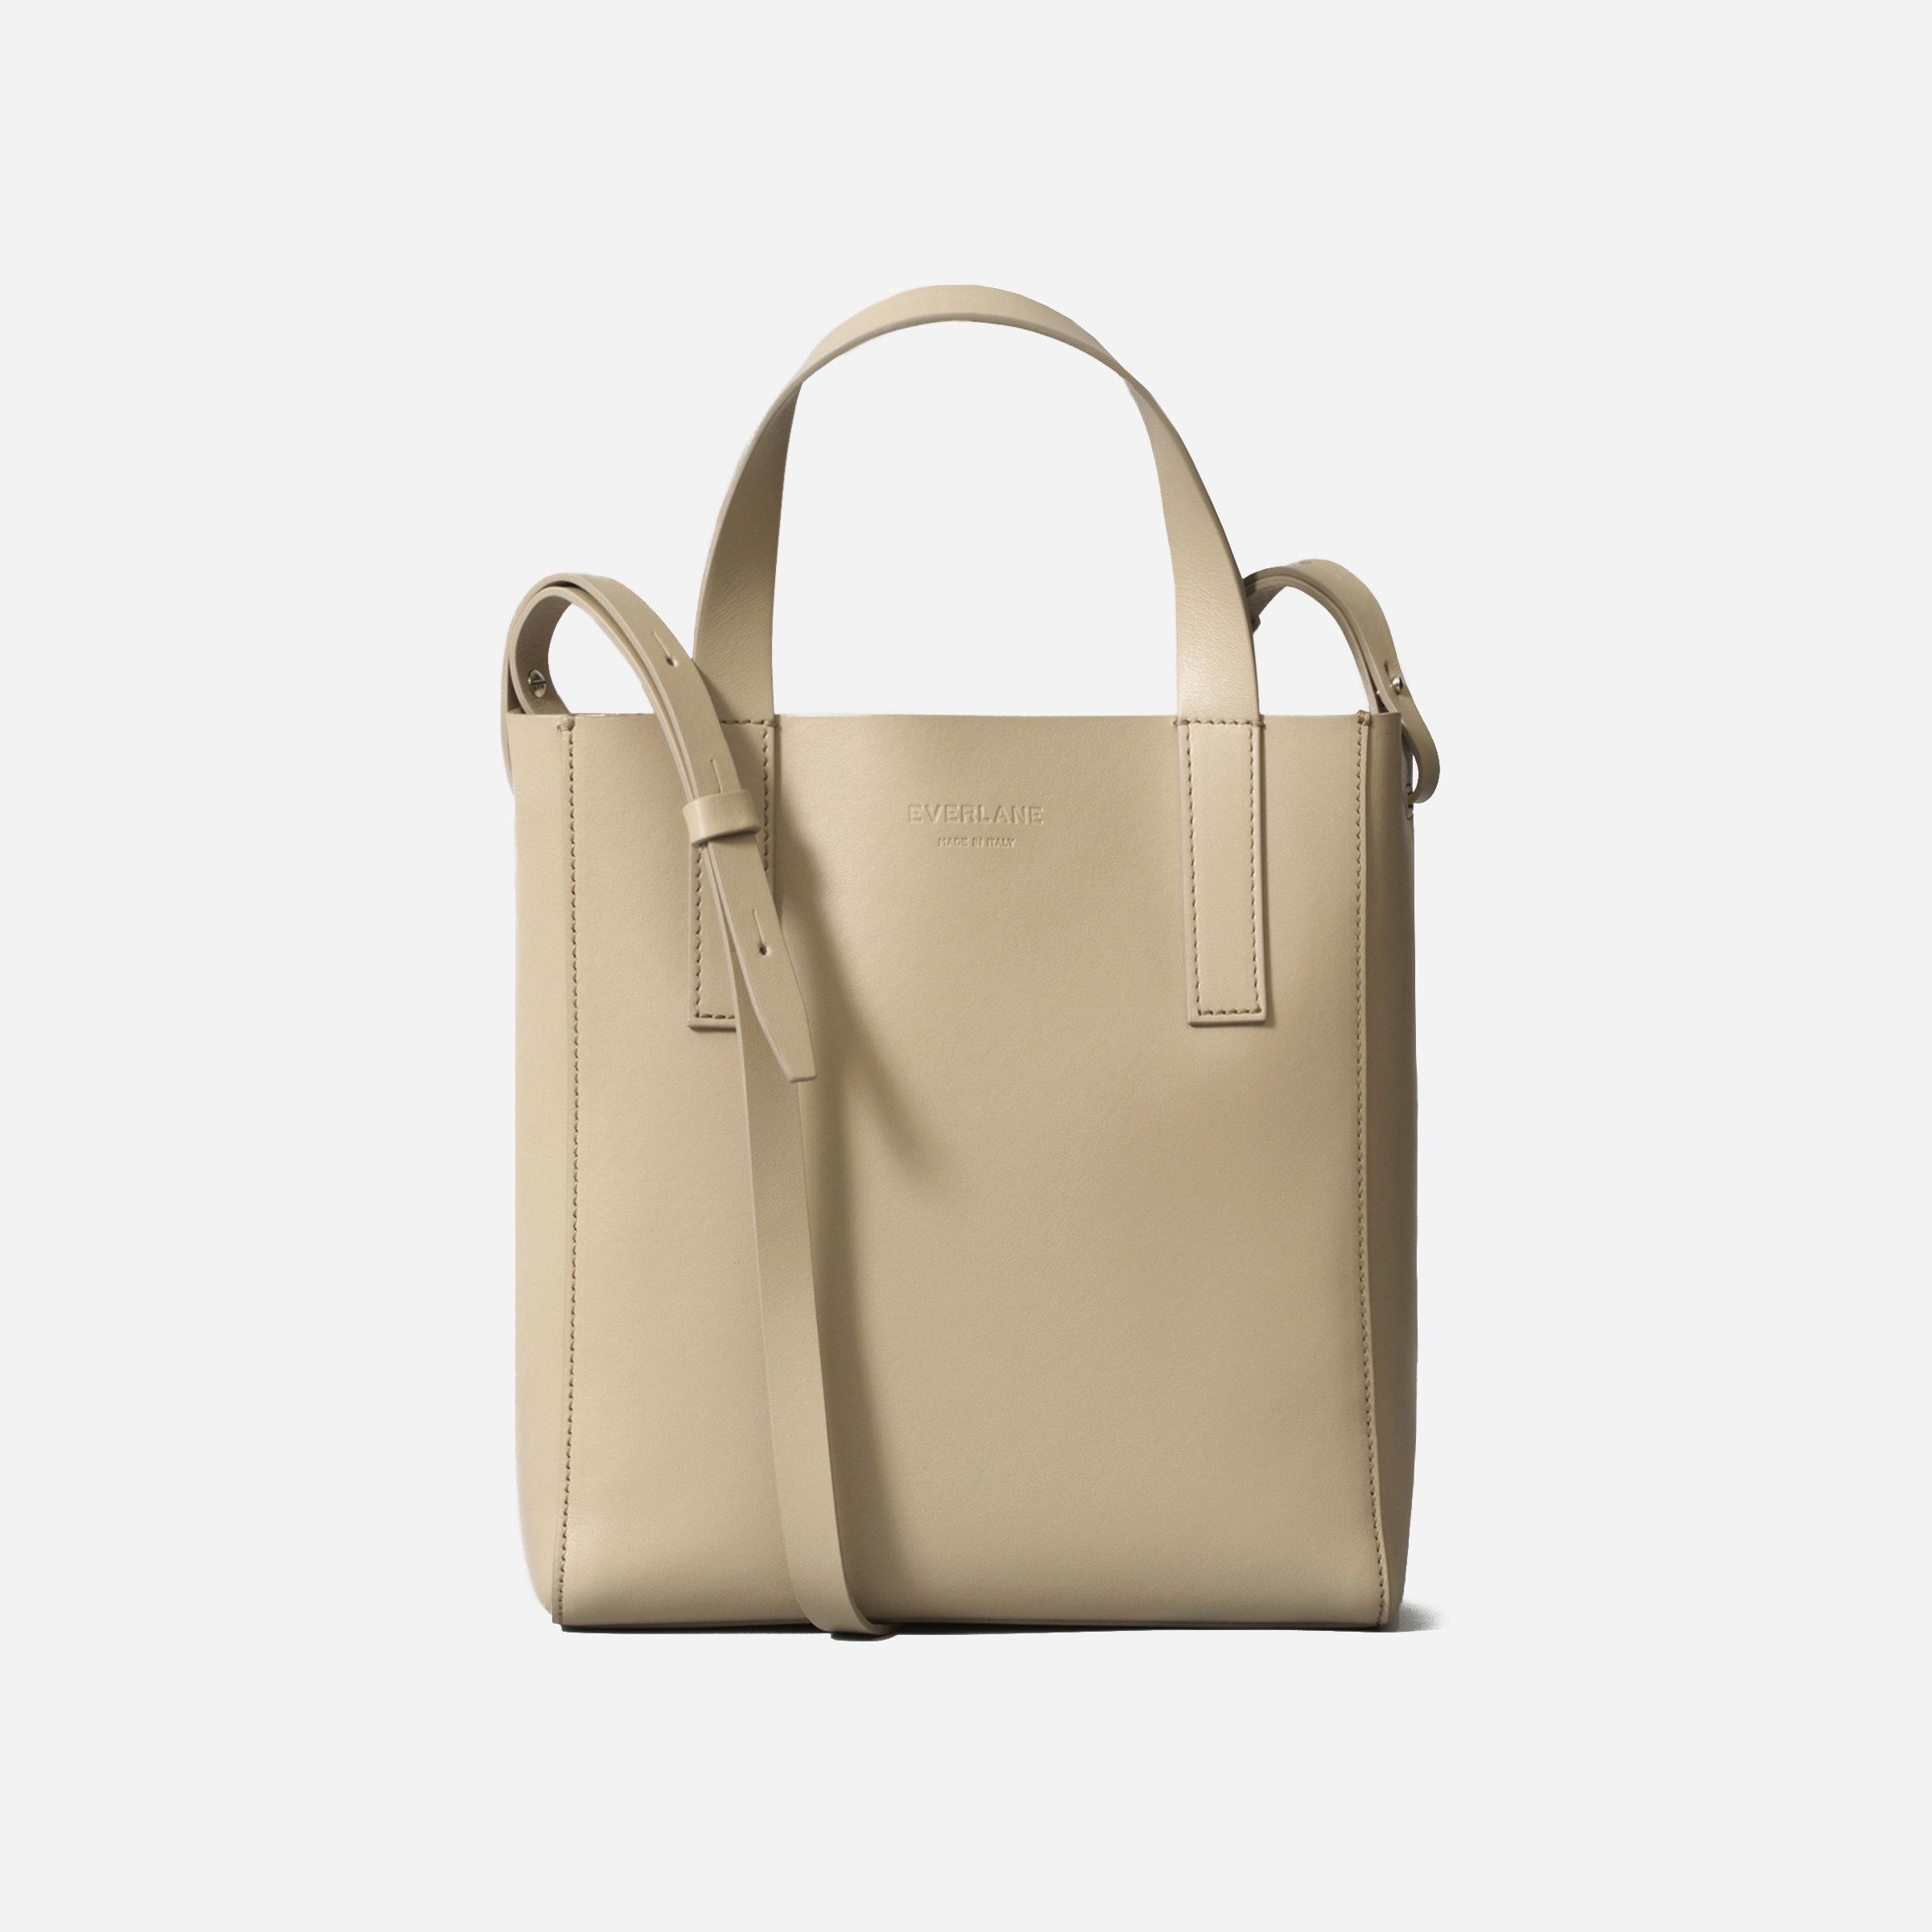 fa5e180c878 Women's Leather Bags – Spanish & Italian Leather Handbags | Everlane